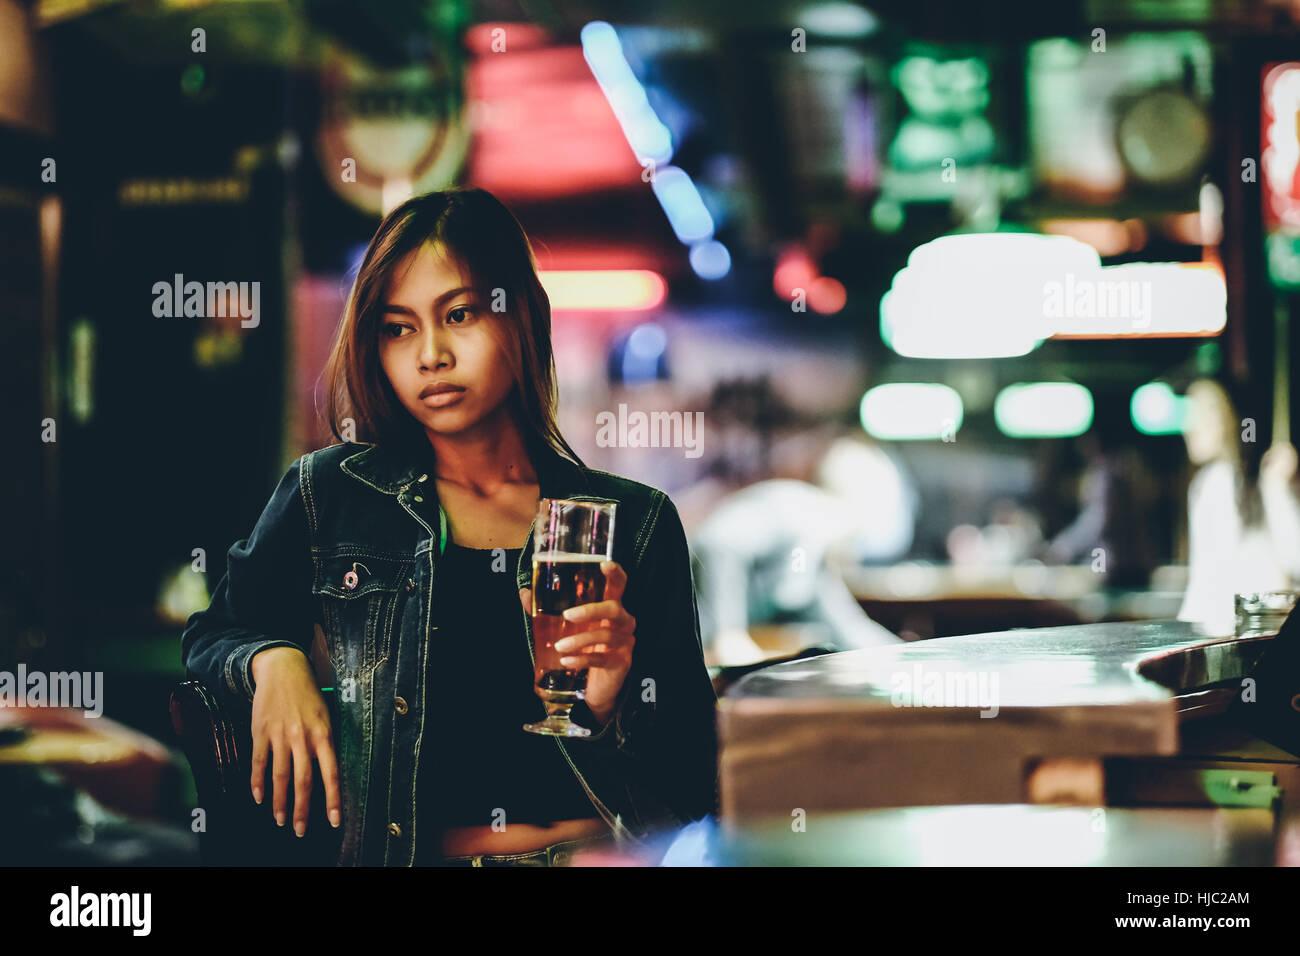 Vida nocturna, adulto chica esperando en el bar bebiendo bear Imagen De Stock